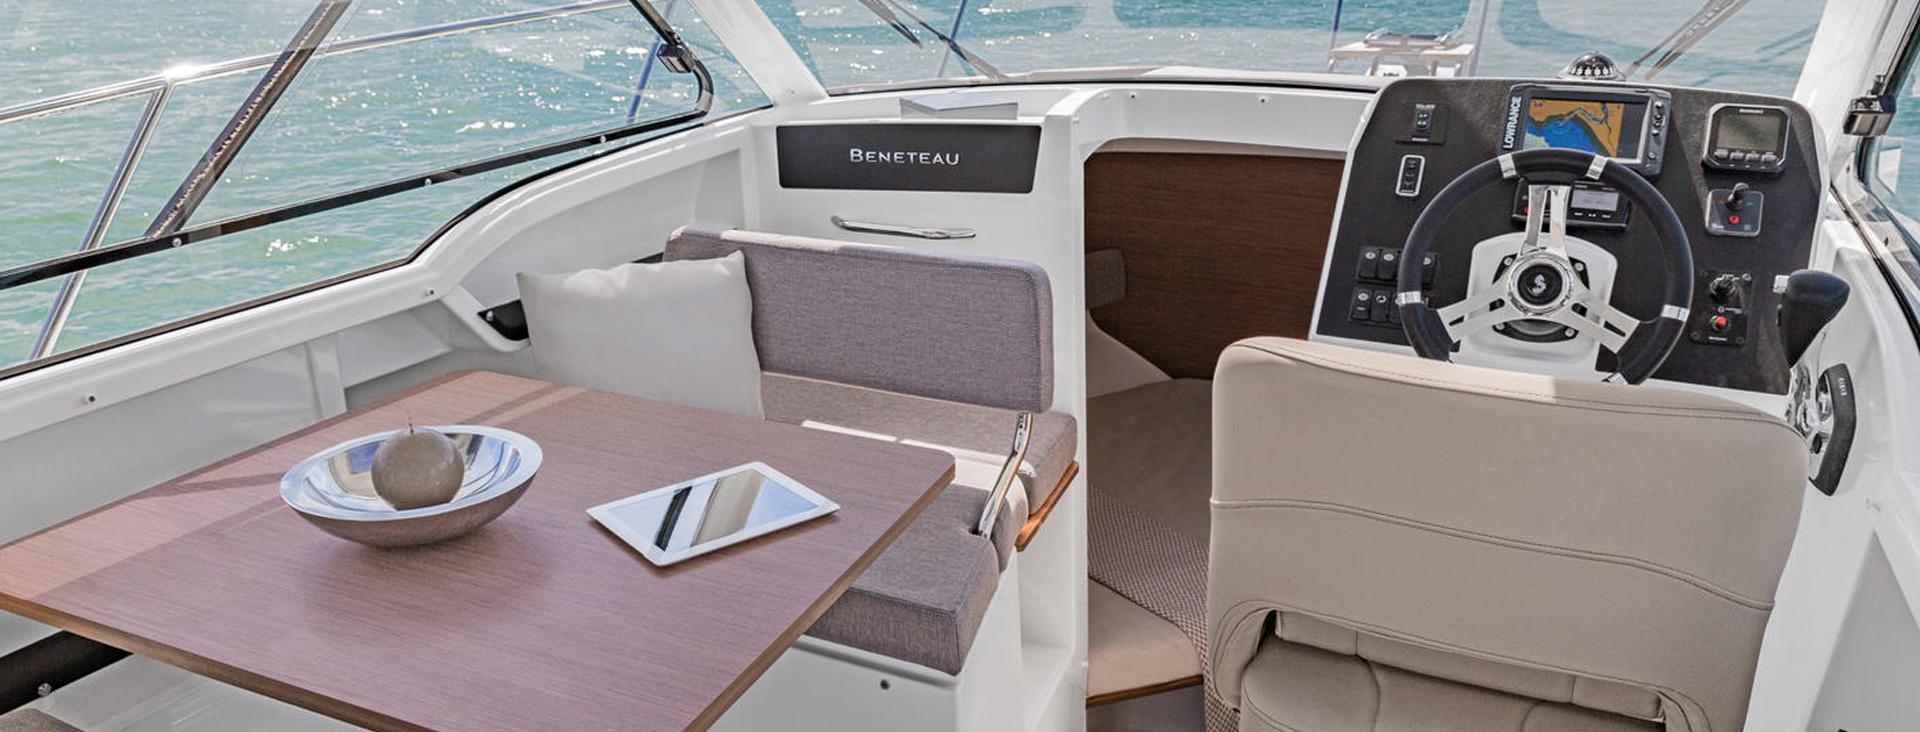 yacht saint-jean-cap-ferrat-bateau neuf nice-bateau d occasion cannes-location de bateau monaco-entretien de bateau antibes-yacht d occasion saint-laurent-du-var